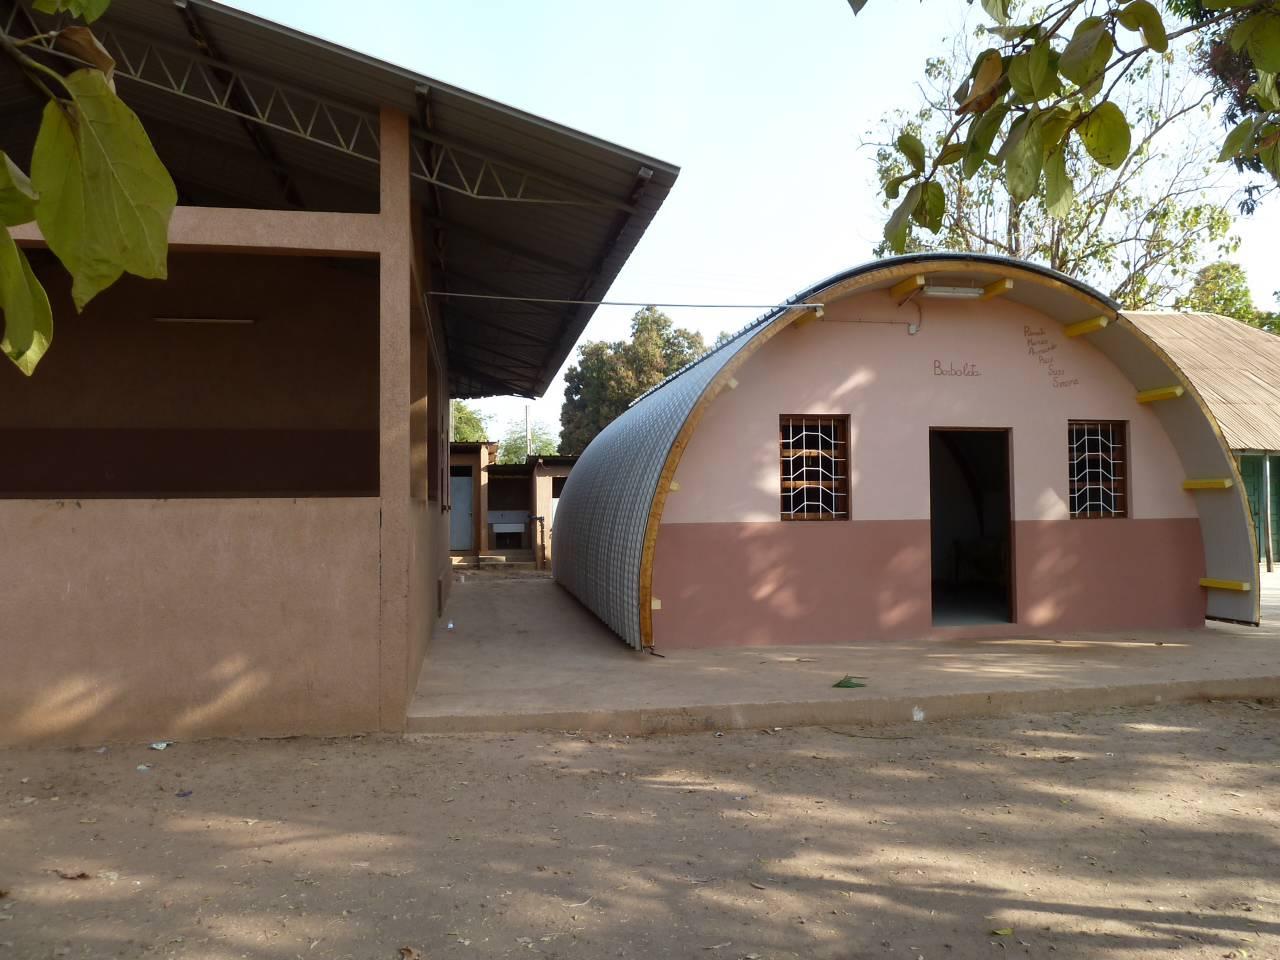 Infermeria Borboleta in Guinea Bissau